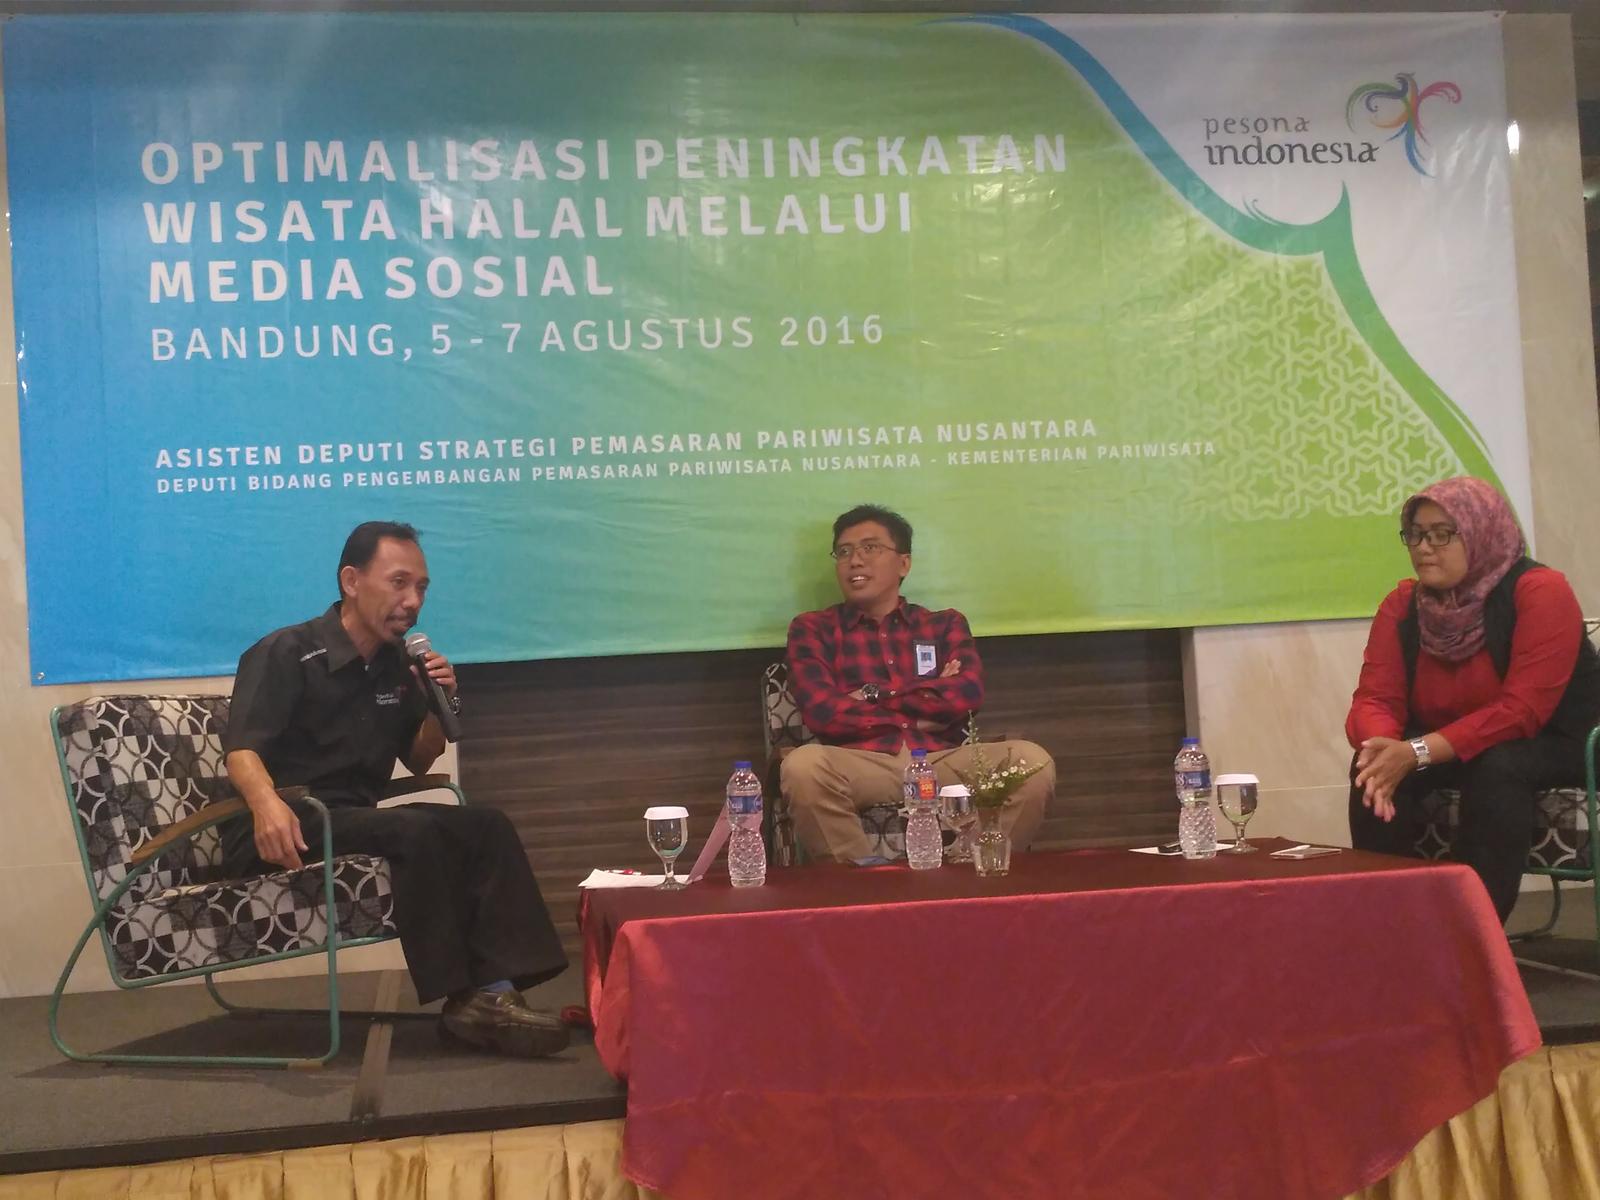 Kegiatan Optimalisasi Wisata Halal Melalui Medsos di Bandung